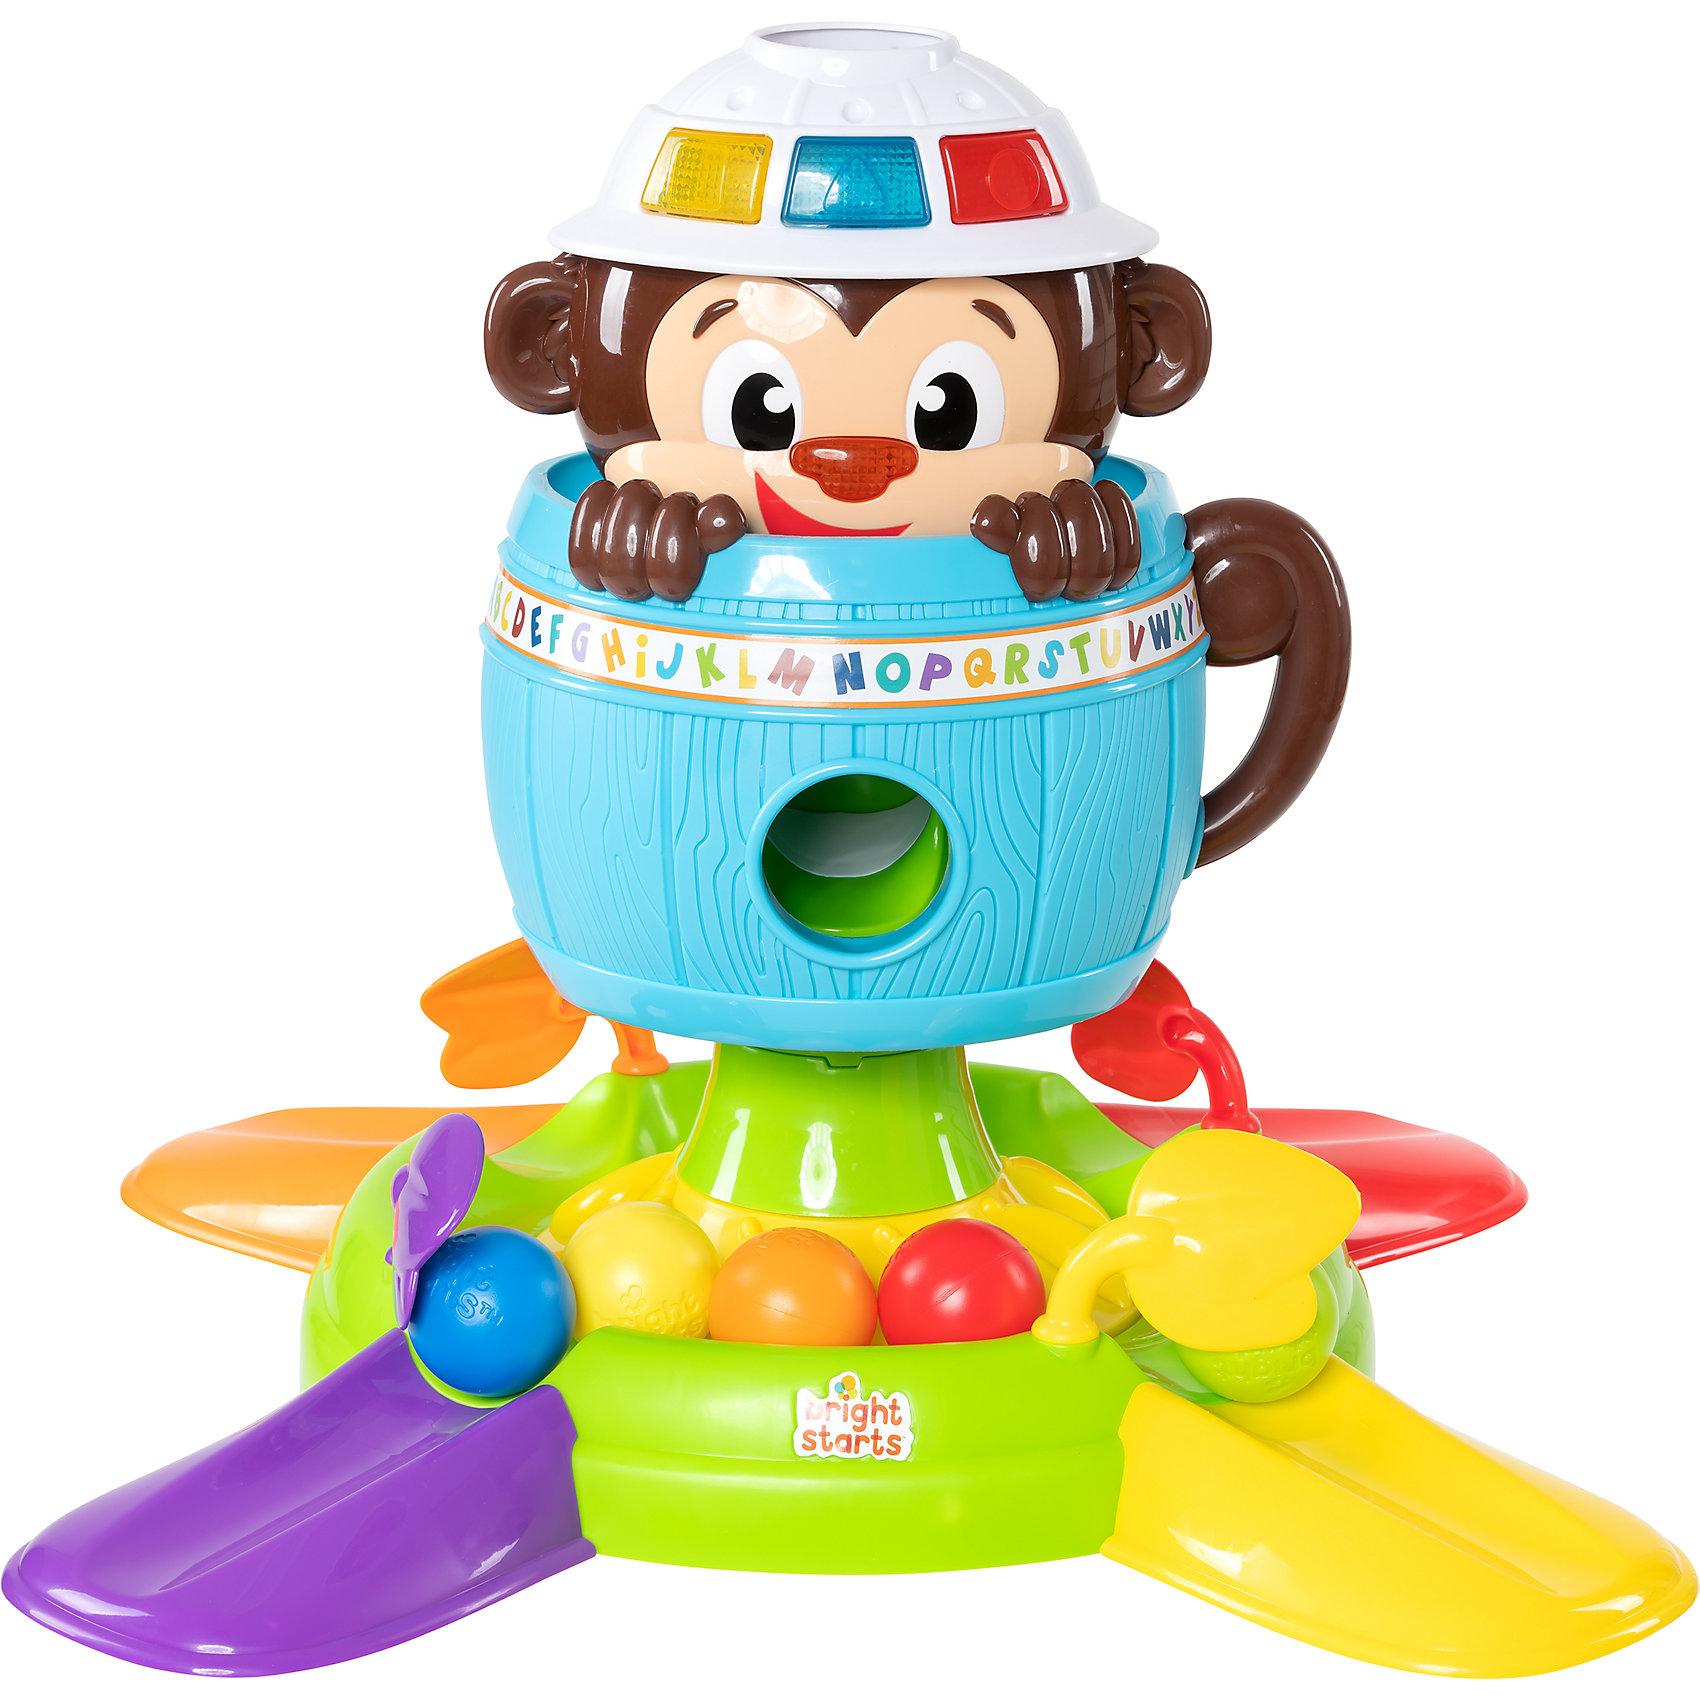 Развивающая игрушка Обезьянка в бочке, Bright StartsЧудесная обезьянка весело смеется и не дает скучать вашему малышу!<br><br>ОСОБЕННОСТИ <br>Играть с обезьянкой можно как сидя, так и стоя <br>Шарики можно закидывать в шляпу обезьянке – обезьянка будет издавать смешные звуки <br>Также шарики можно закидывать в отверстие в бочке <br>Если нажать обезьянке на нос, она спрячется в бочку, а шарики упадут вниз и будут крутиться <br>Открой любую затворку в форме листочка - и шарики скатятся с горки <br>При нажатии на кнопочки малыш услышит название цветов и форм <br><br>Дополнительн<br><br>Ширина мм: 563<br>Глубина мм: 413<br>Высота мм: 165<br>Вес г: 2760<br>Возраст от месяцев: 6<br>Возраст до месяцев: 36<br>Пол: Унисекс<br>Возраст: Детский<br>SKU: 4222549